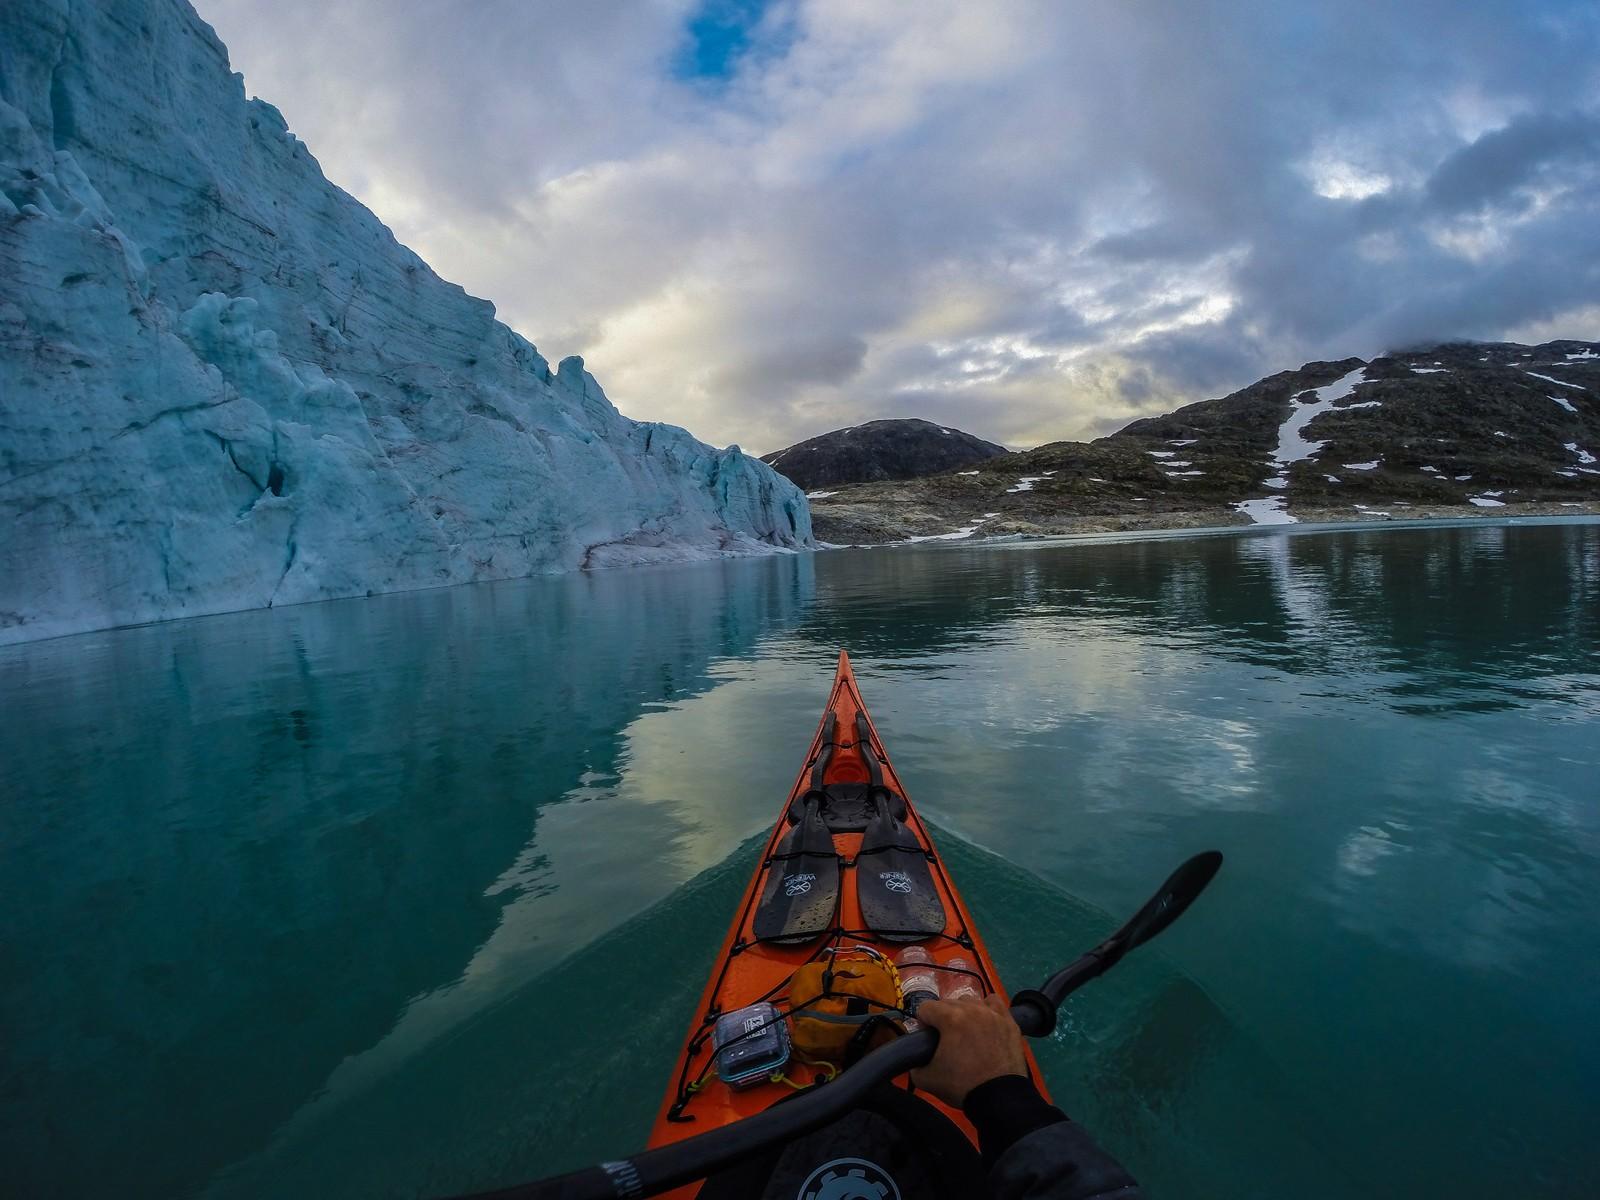 STYGGEVATNET: Styggevatnet i Jostedalen er et spennende sted å padle på grunn av isbreen som går ned i vannet.